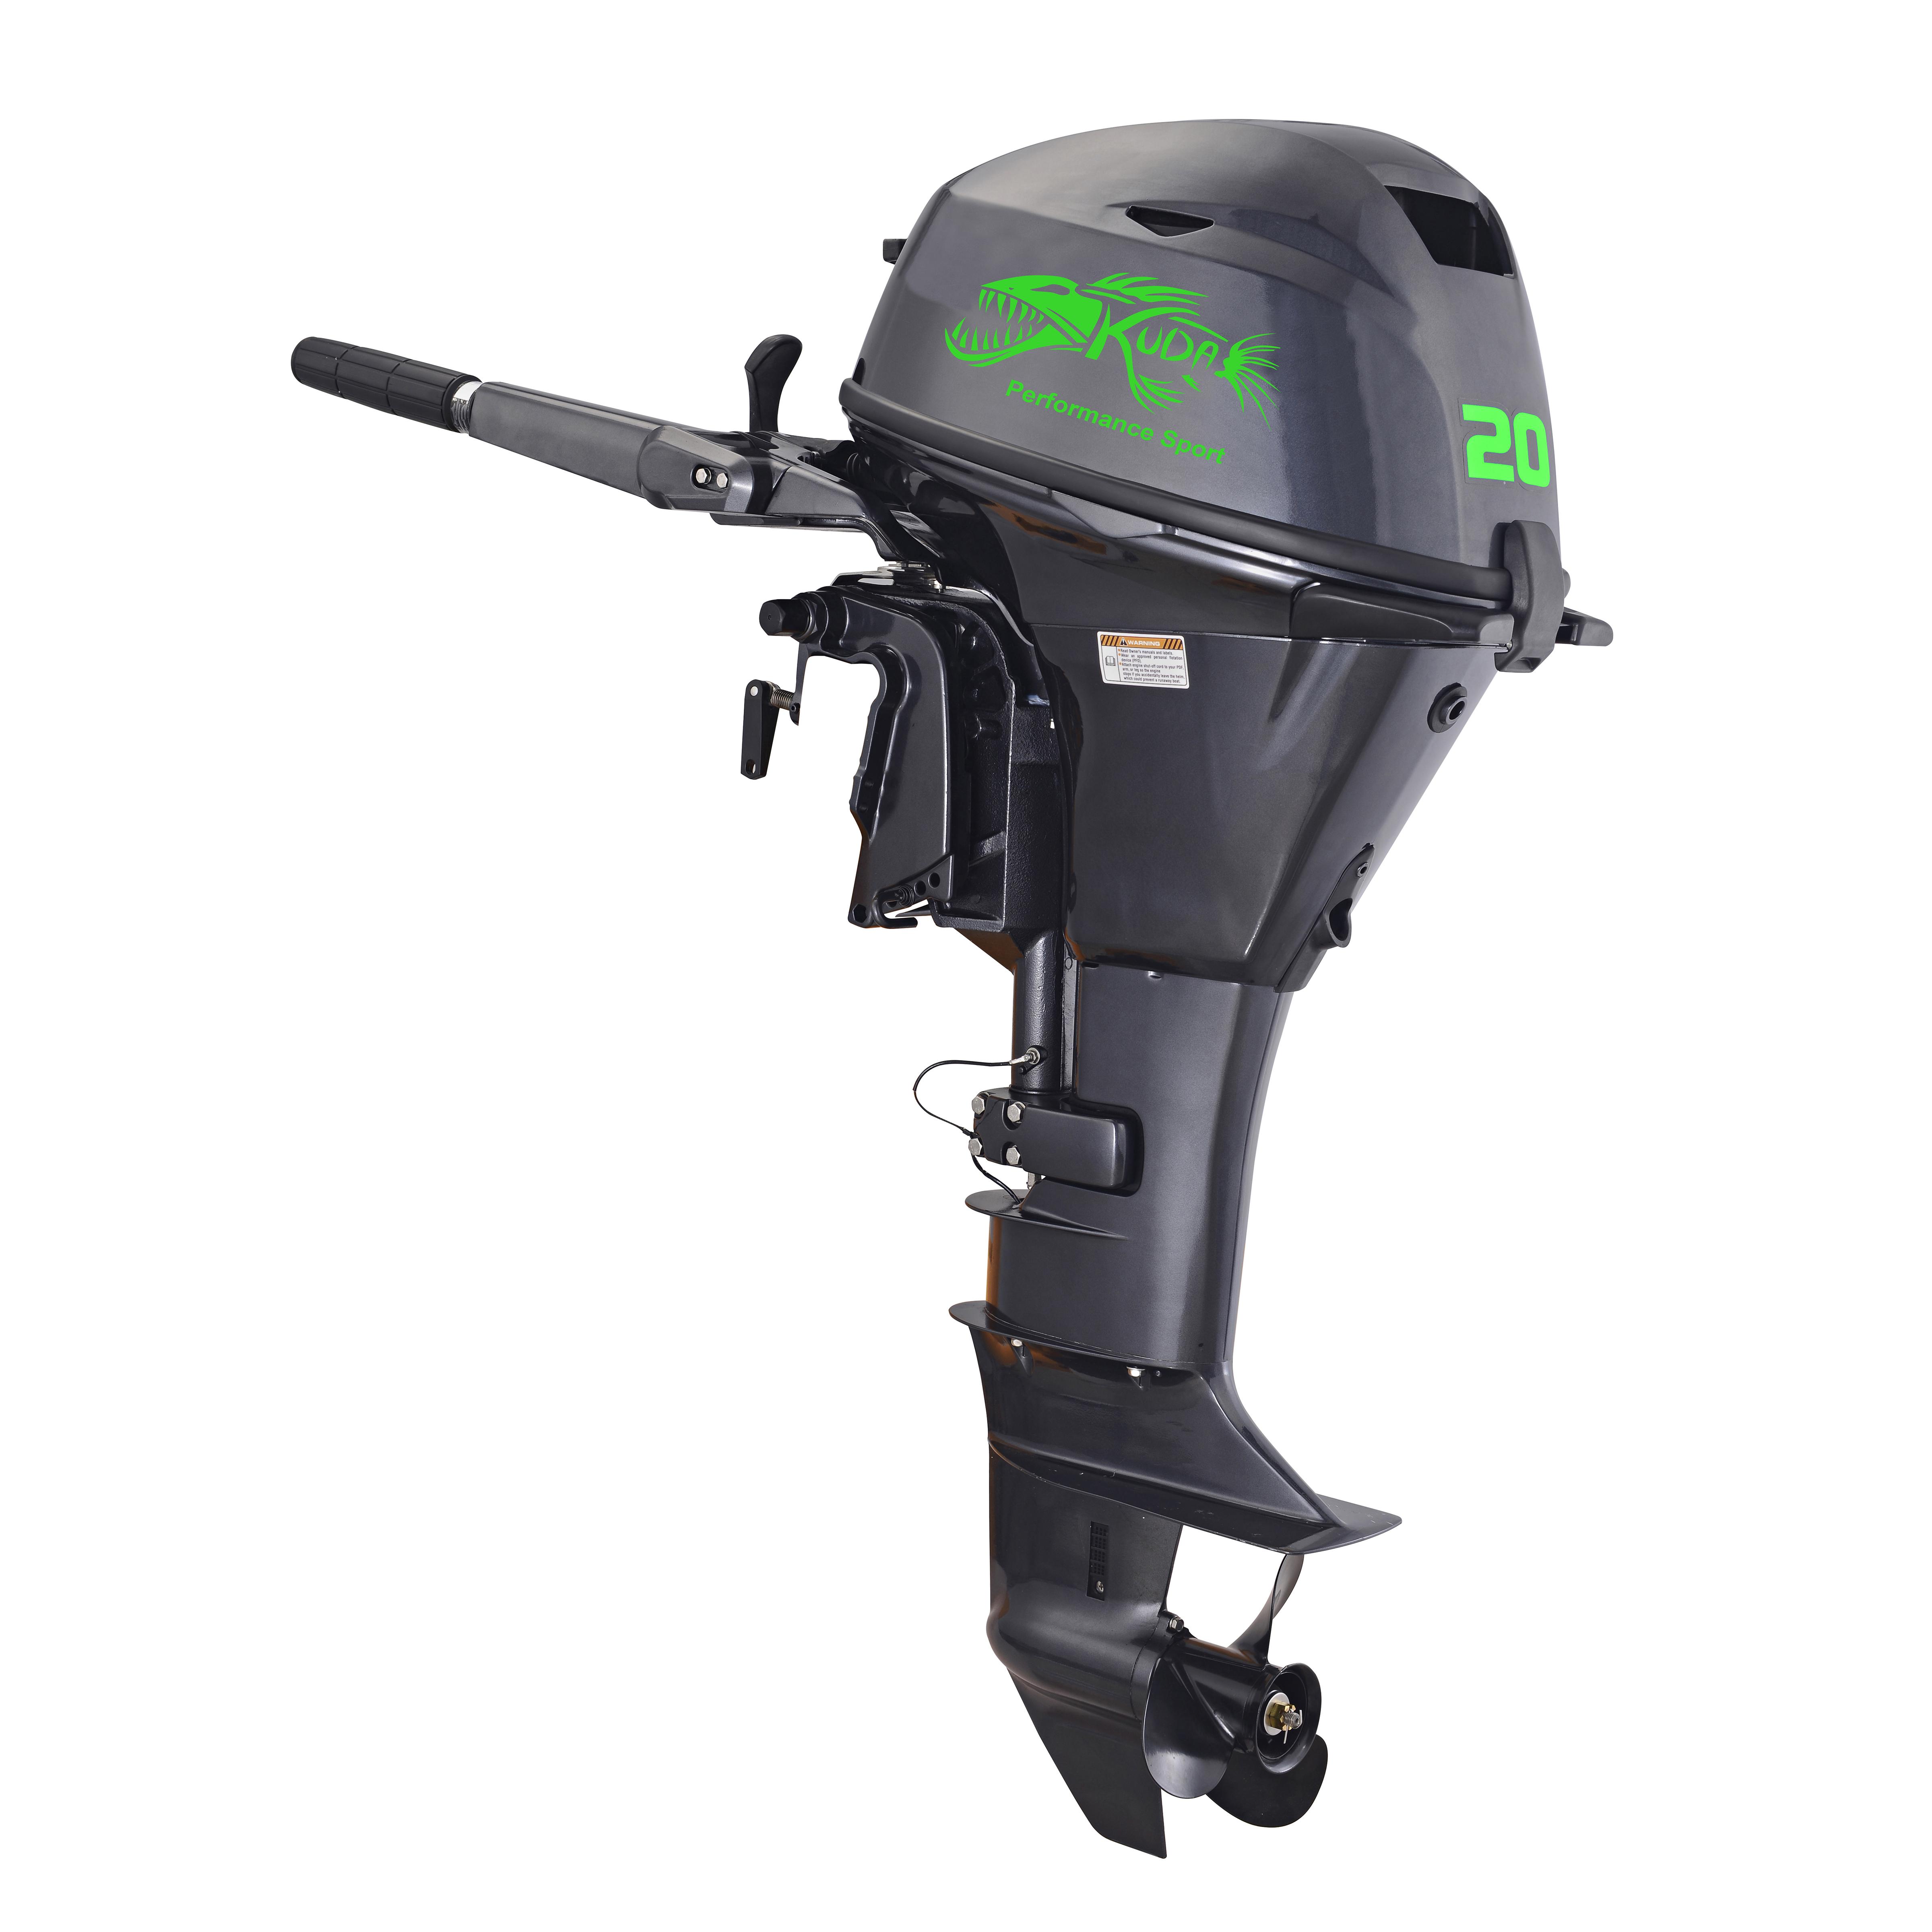 4 Stroke 20 HP Outboard Motor 5500 RPM